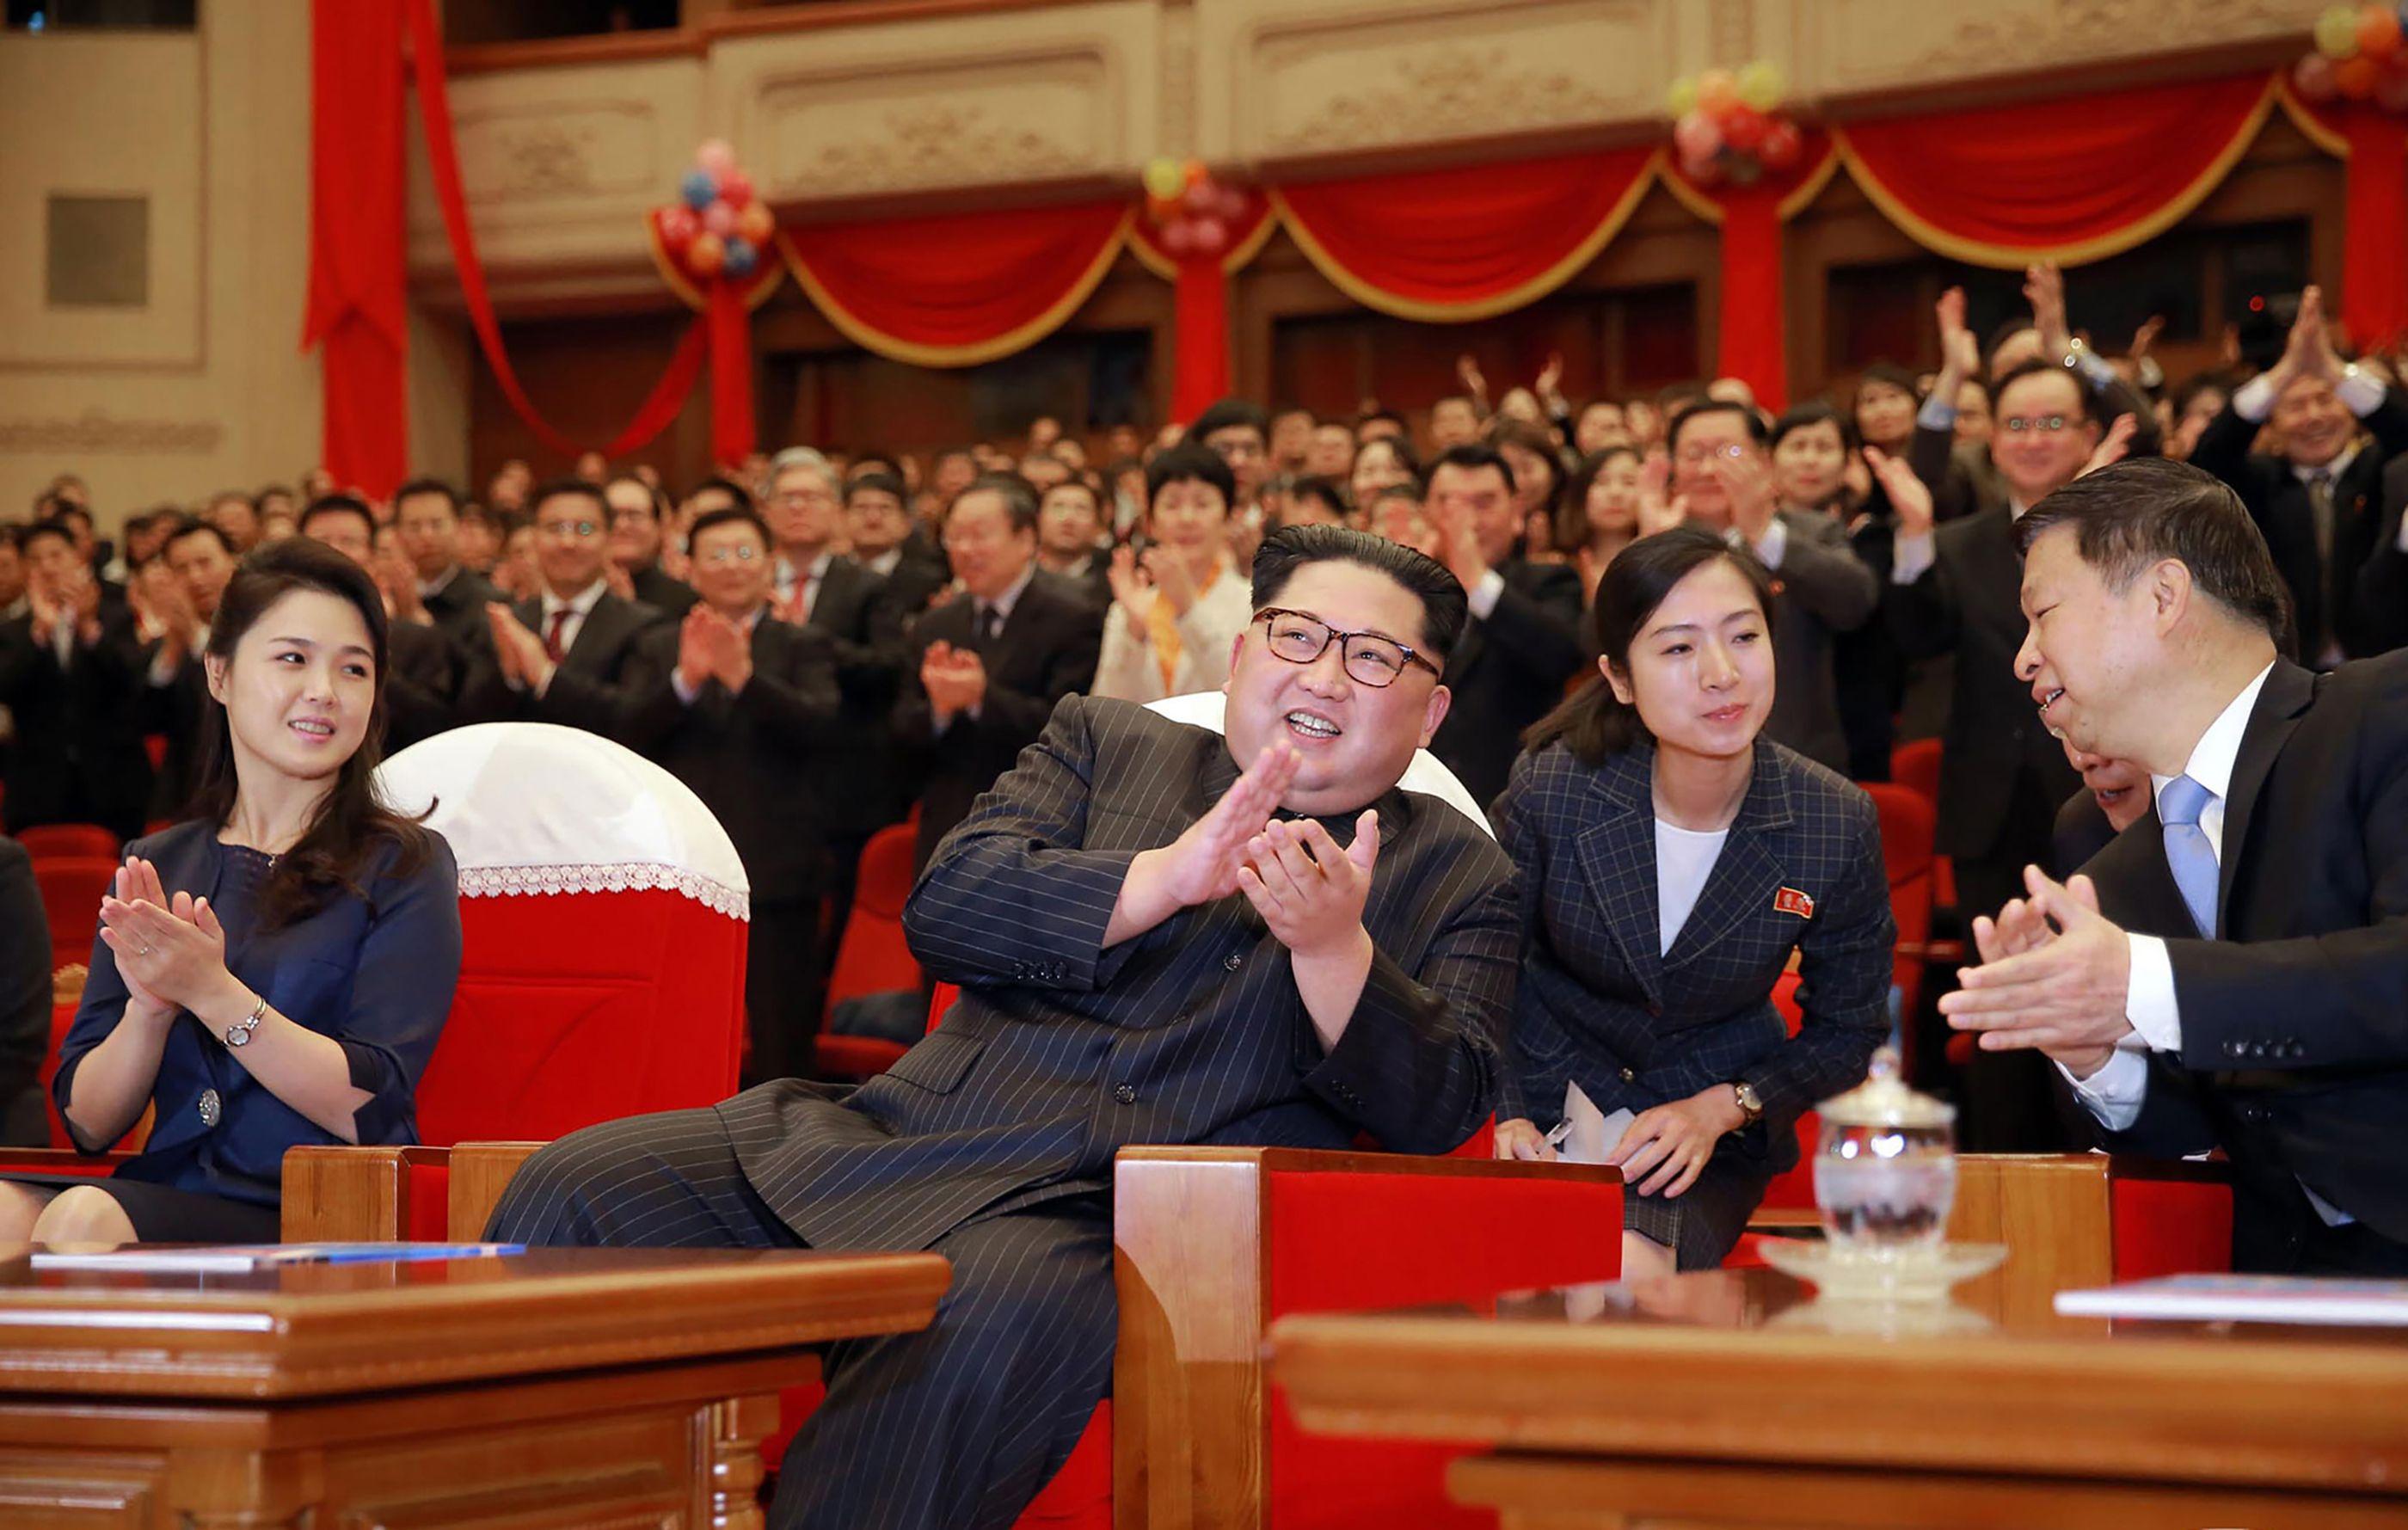 زعيم كوريا الشمالية مع أحد المسئولين الصينيين